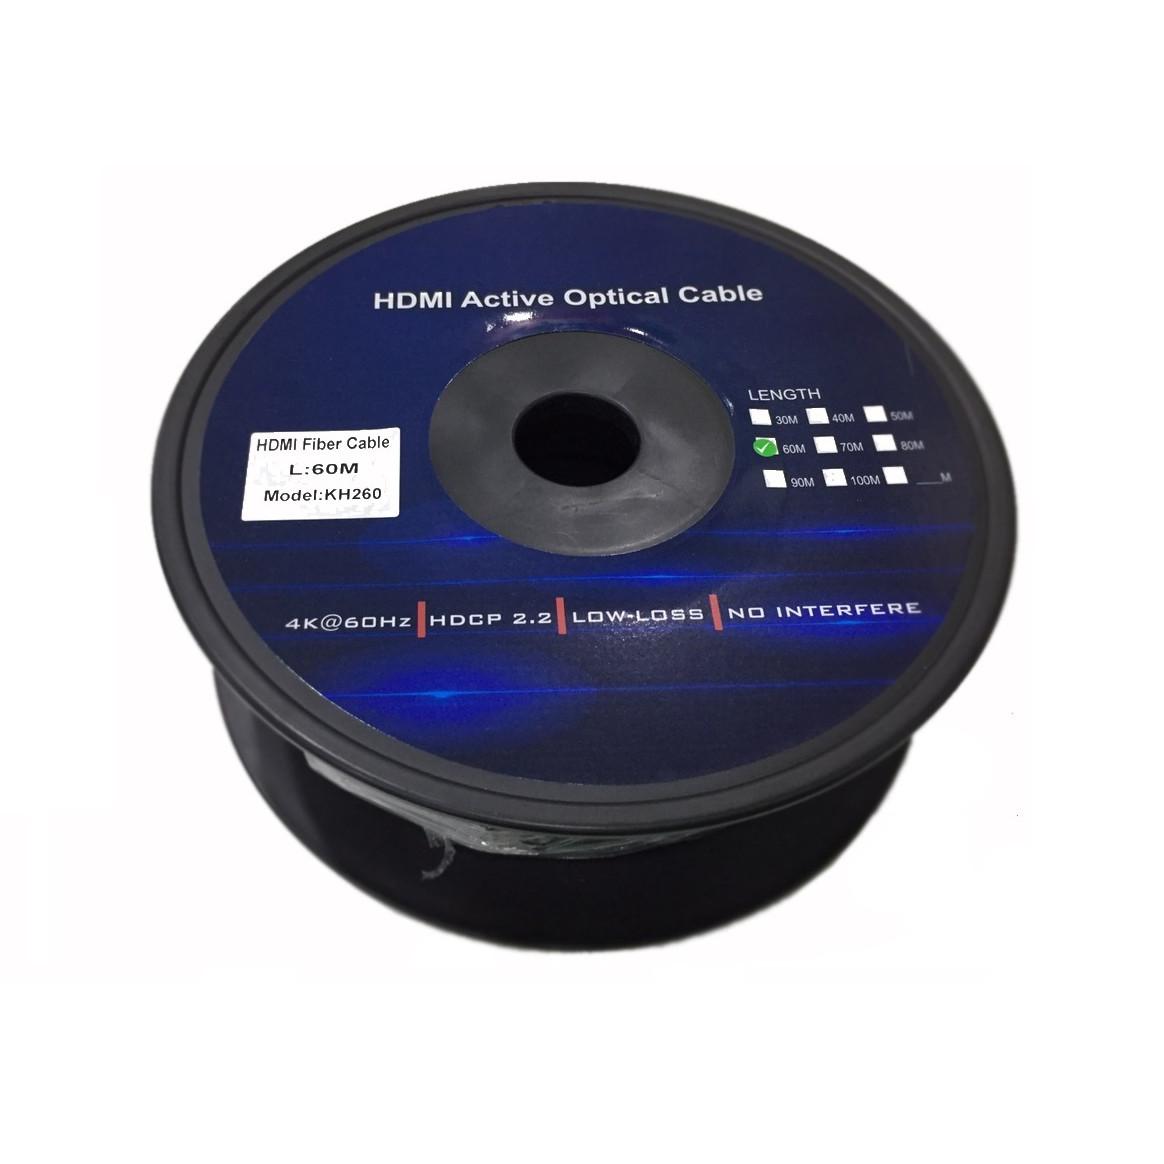 CÁP HDMI Kingmaster 2.0 ( 60m) Active Optical KH 260,CÁP HDMI 60M CHUẨN 2.0 CÁP QUANG-HÀNG CHÍNH HÃNG